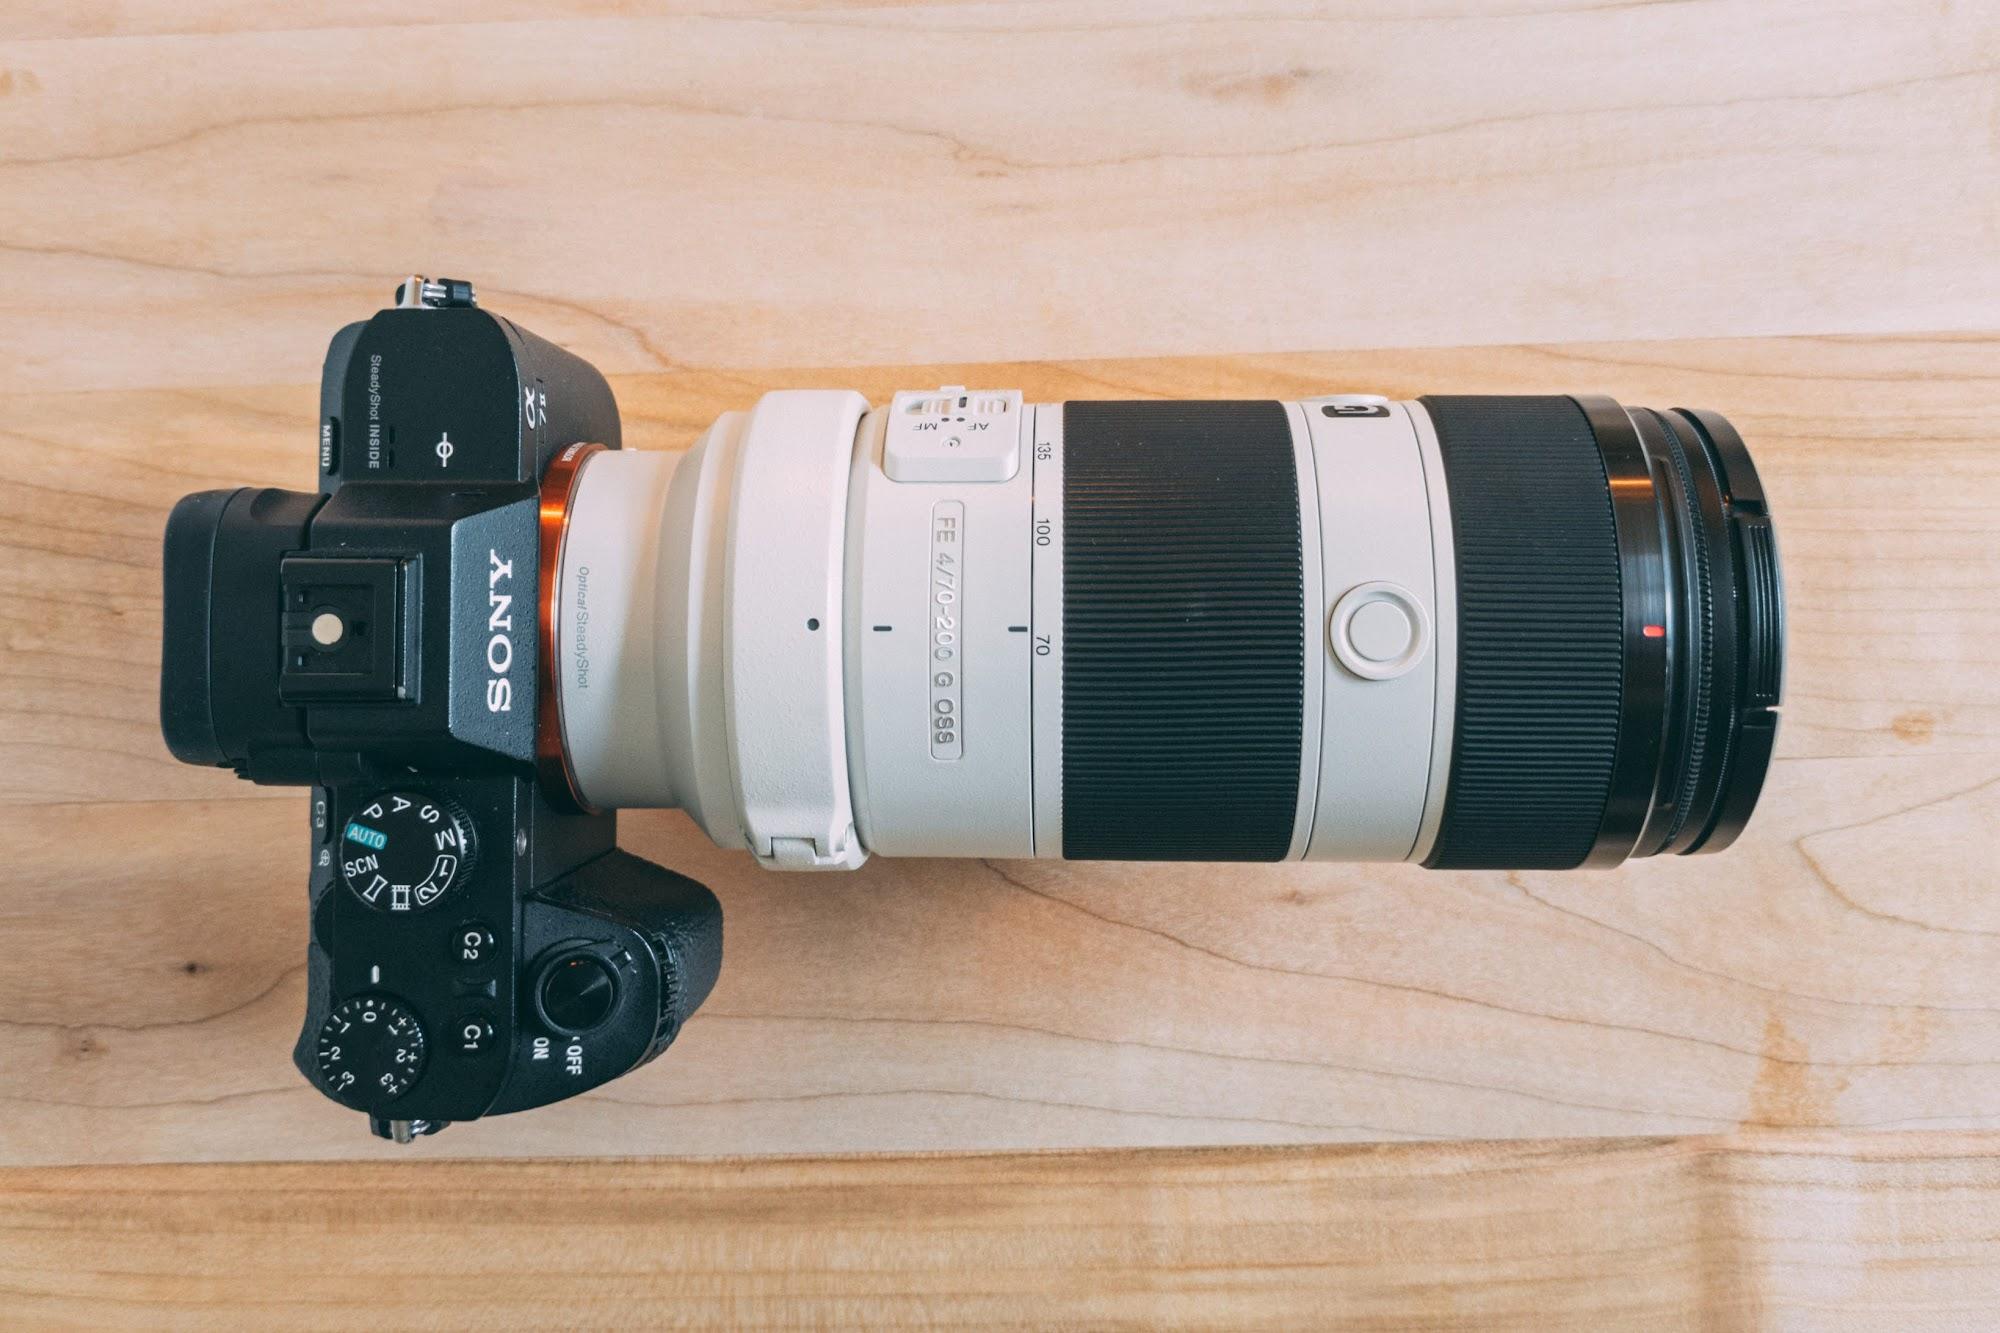 Sony FE 70-200mm, f/4 G OSS